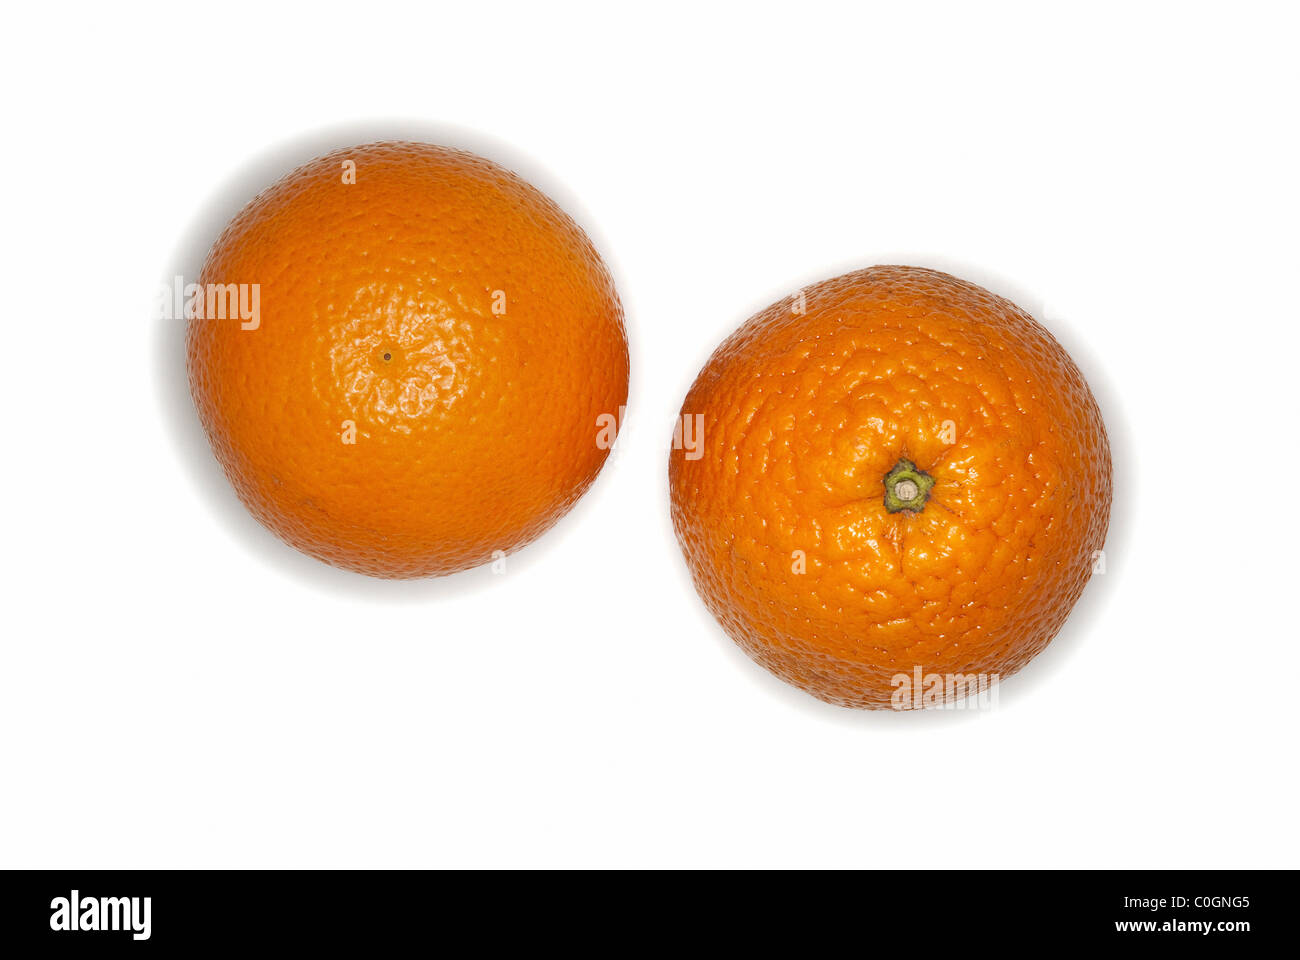 Oranges fruits on white background - Stock Image